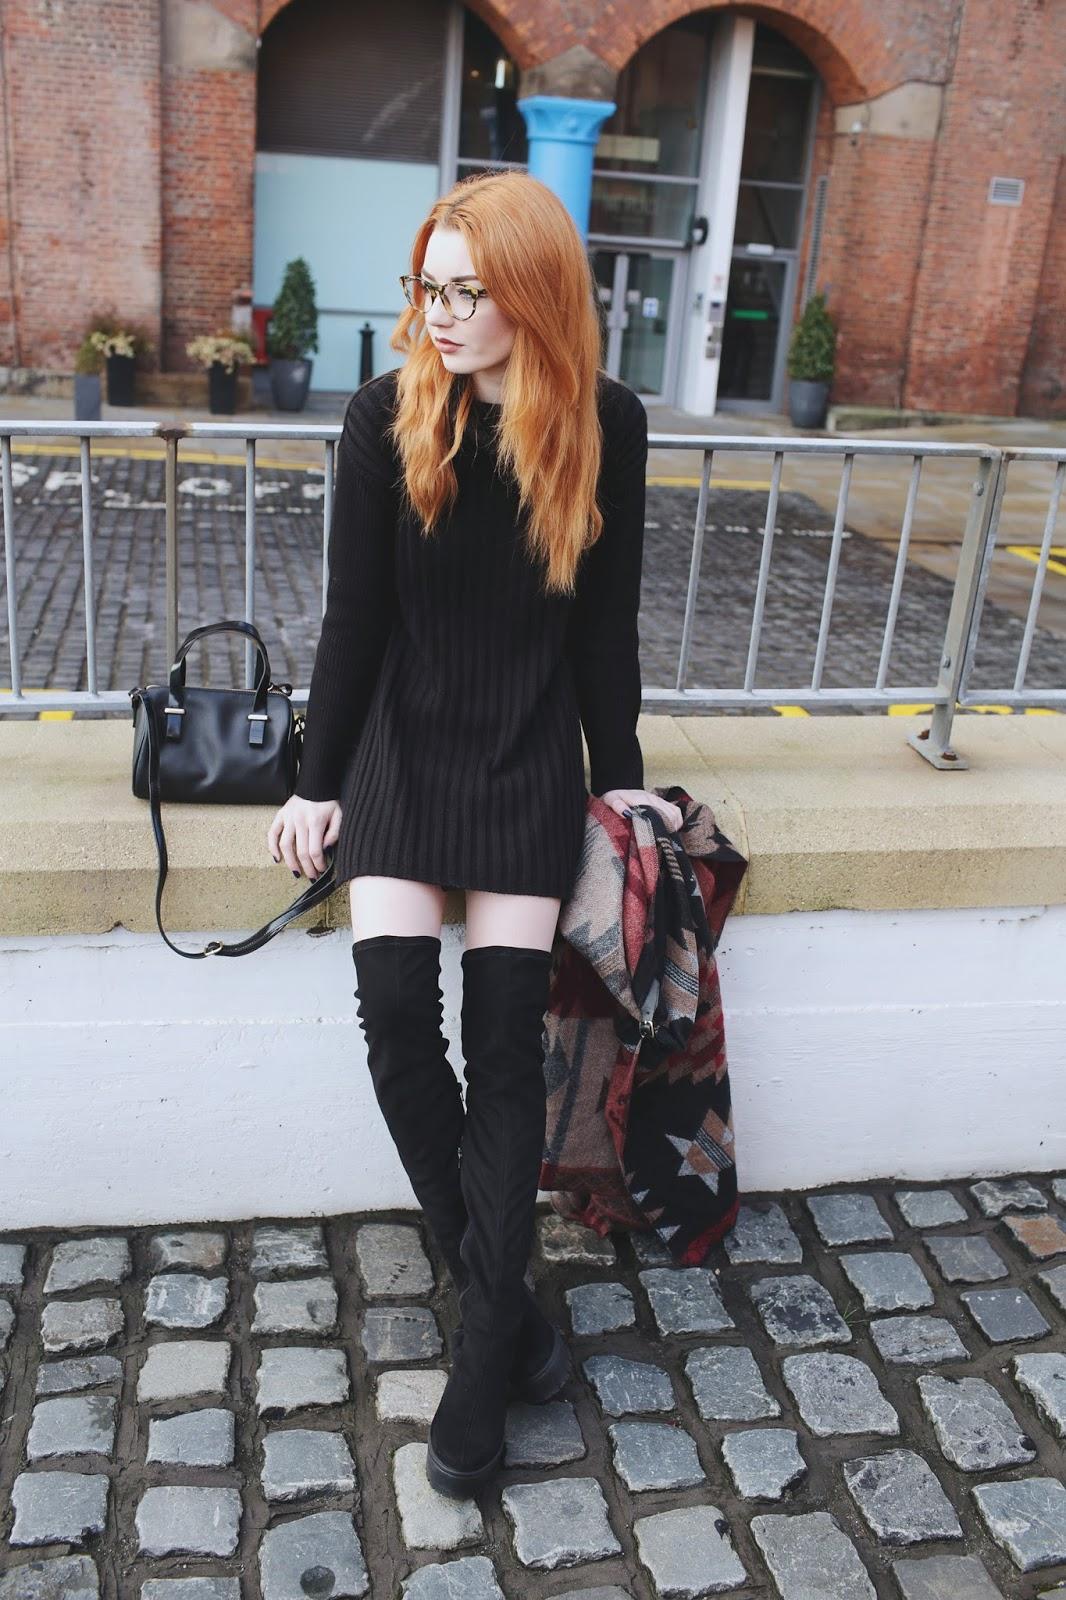 621123ff69a thigh high boots Archives - Hannah Louise Fashion